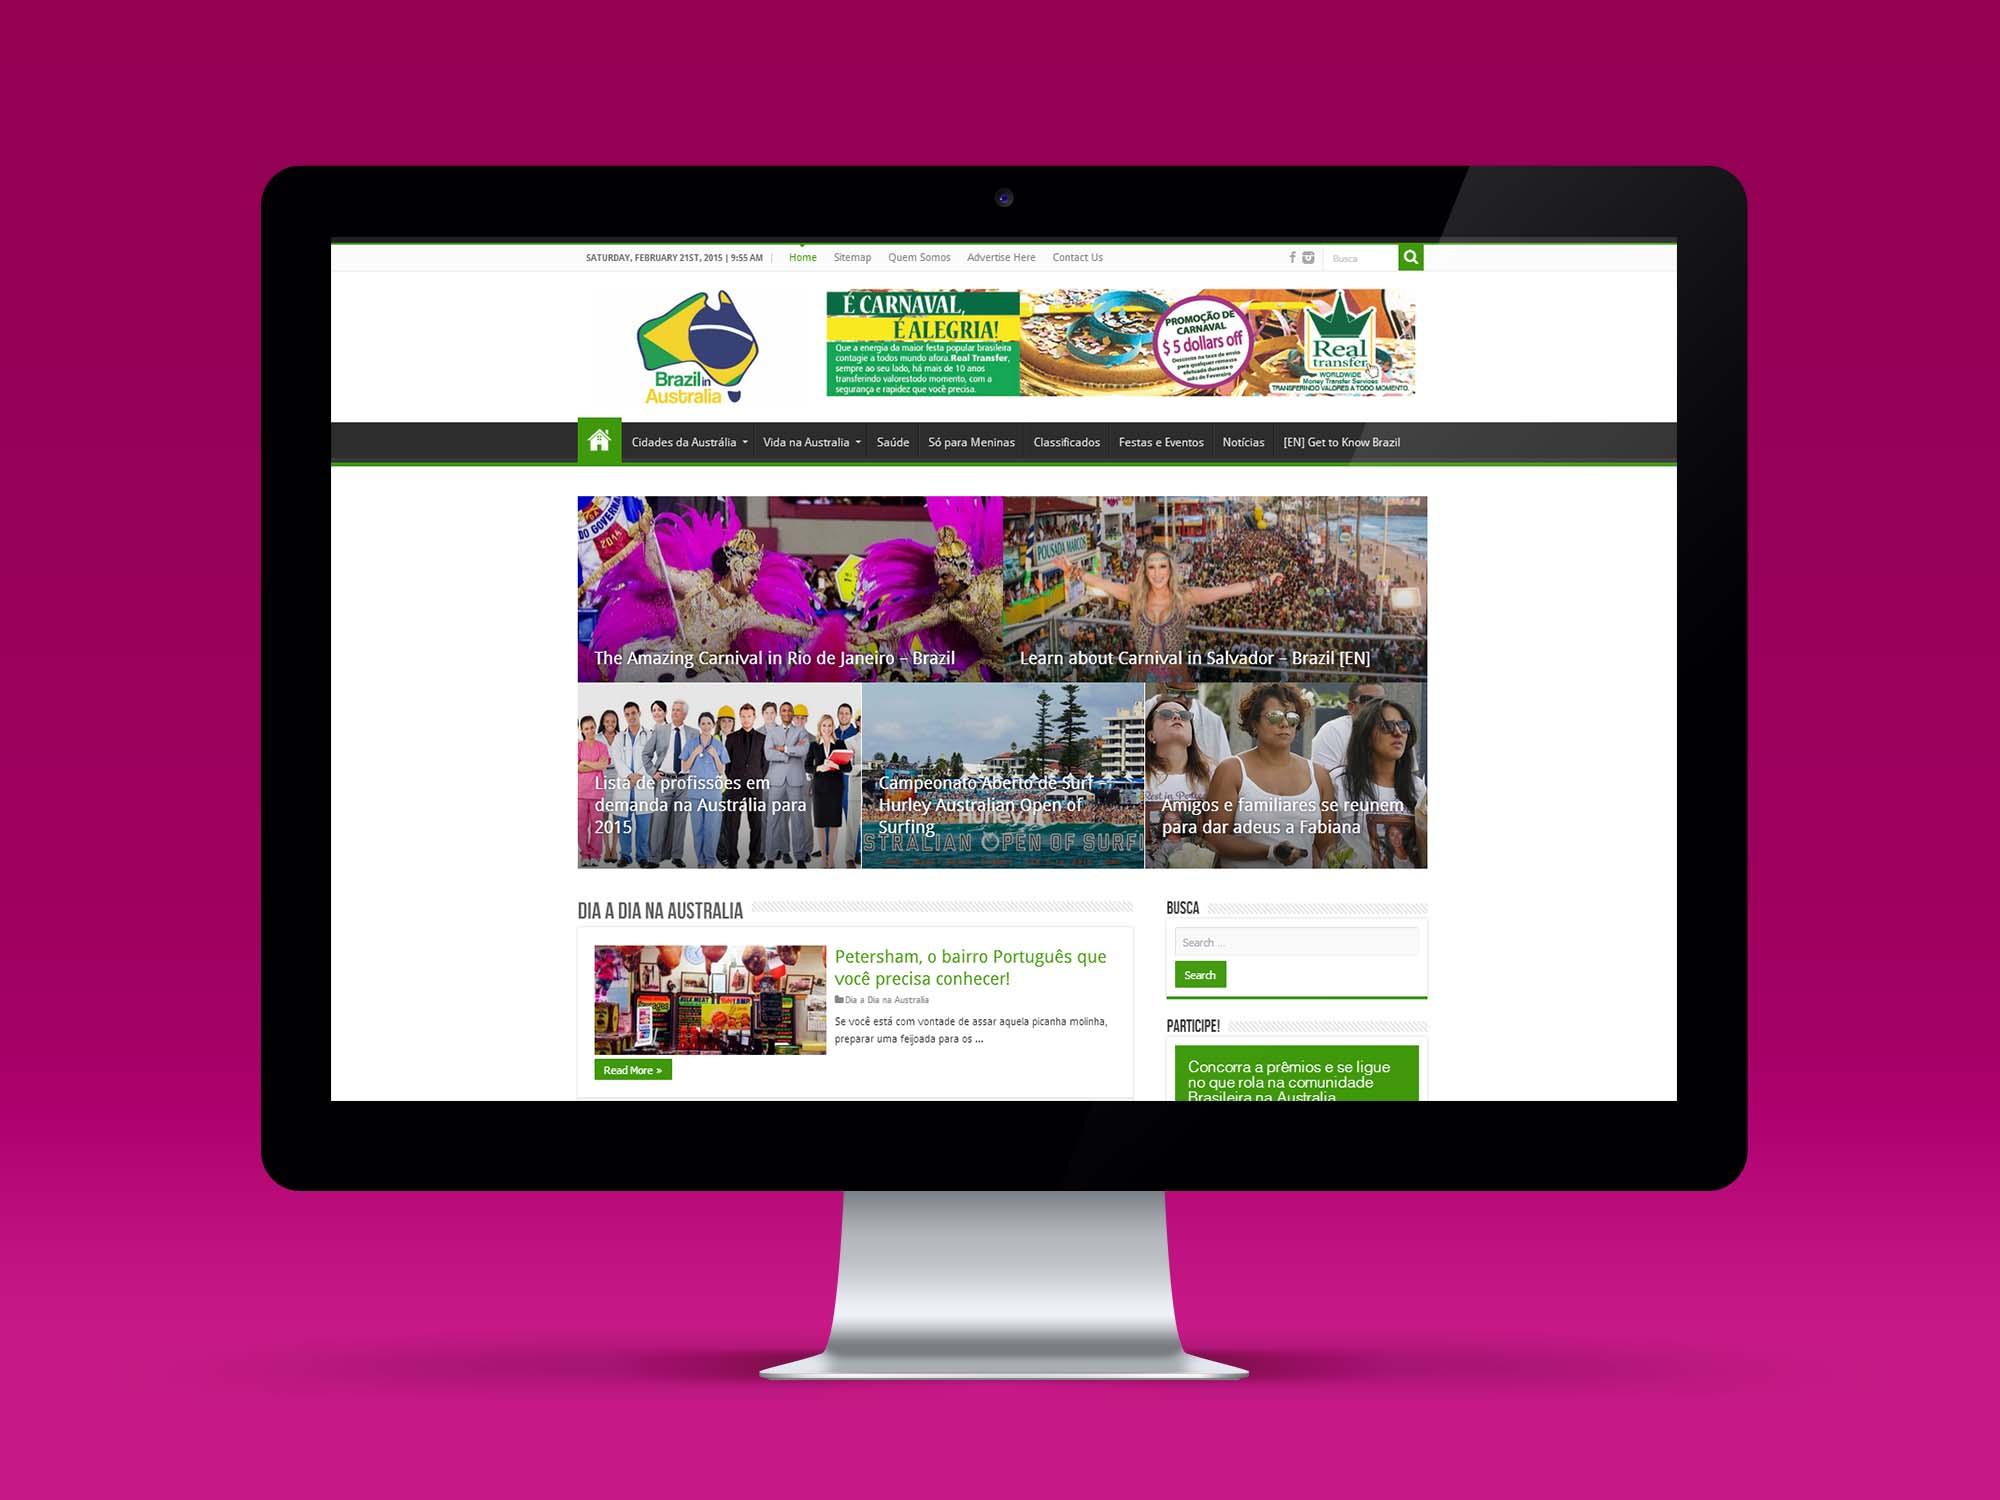 Brazil in Australia Portal